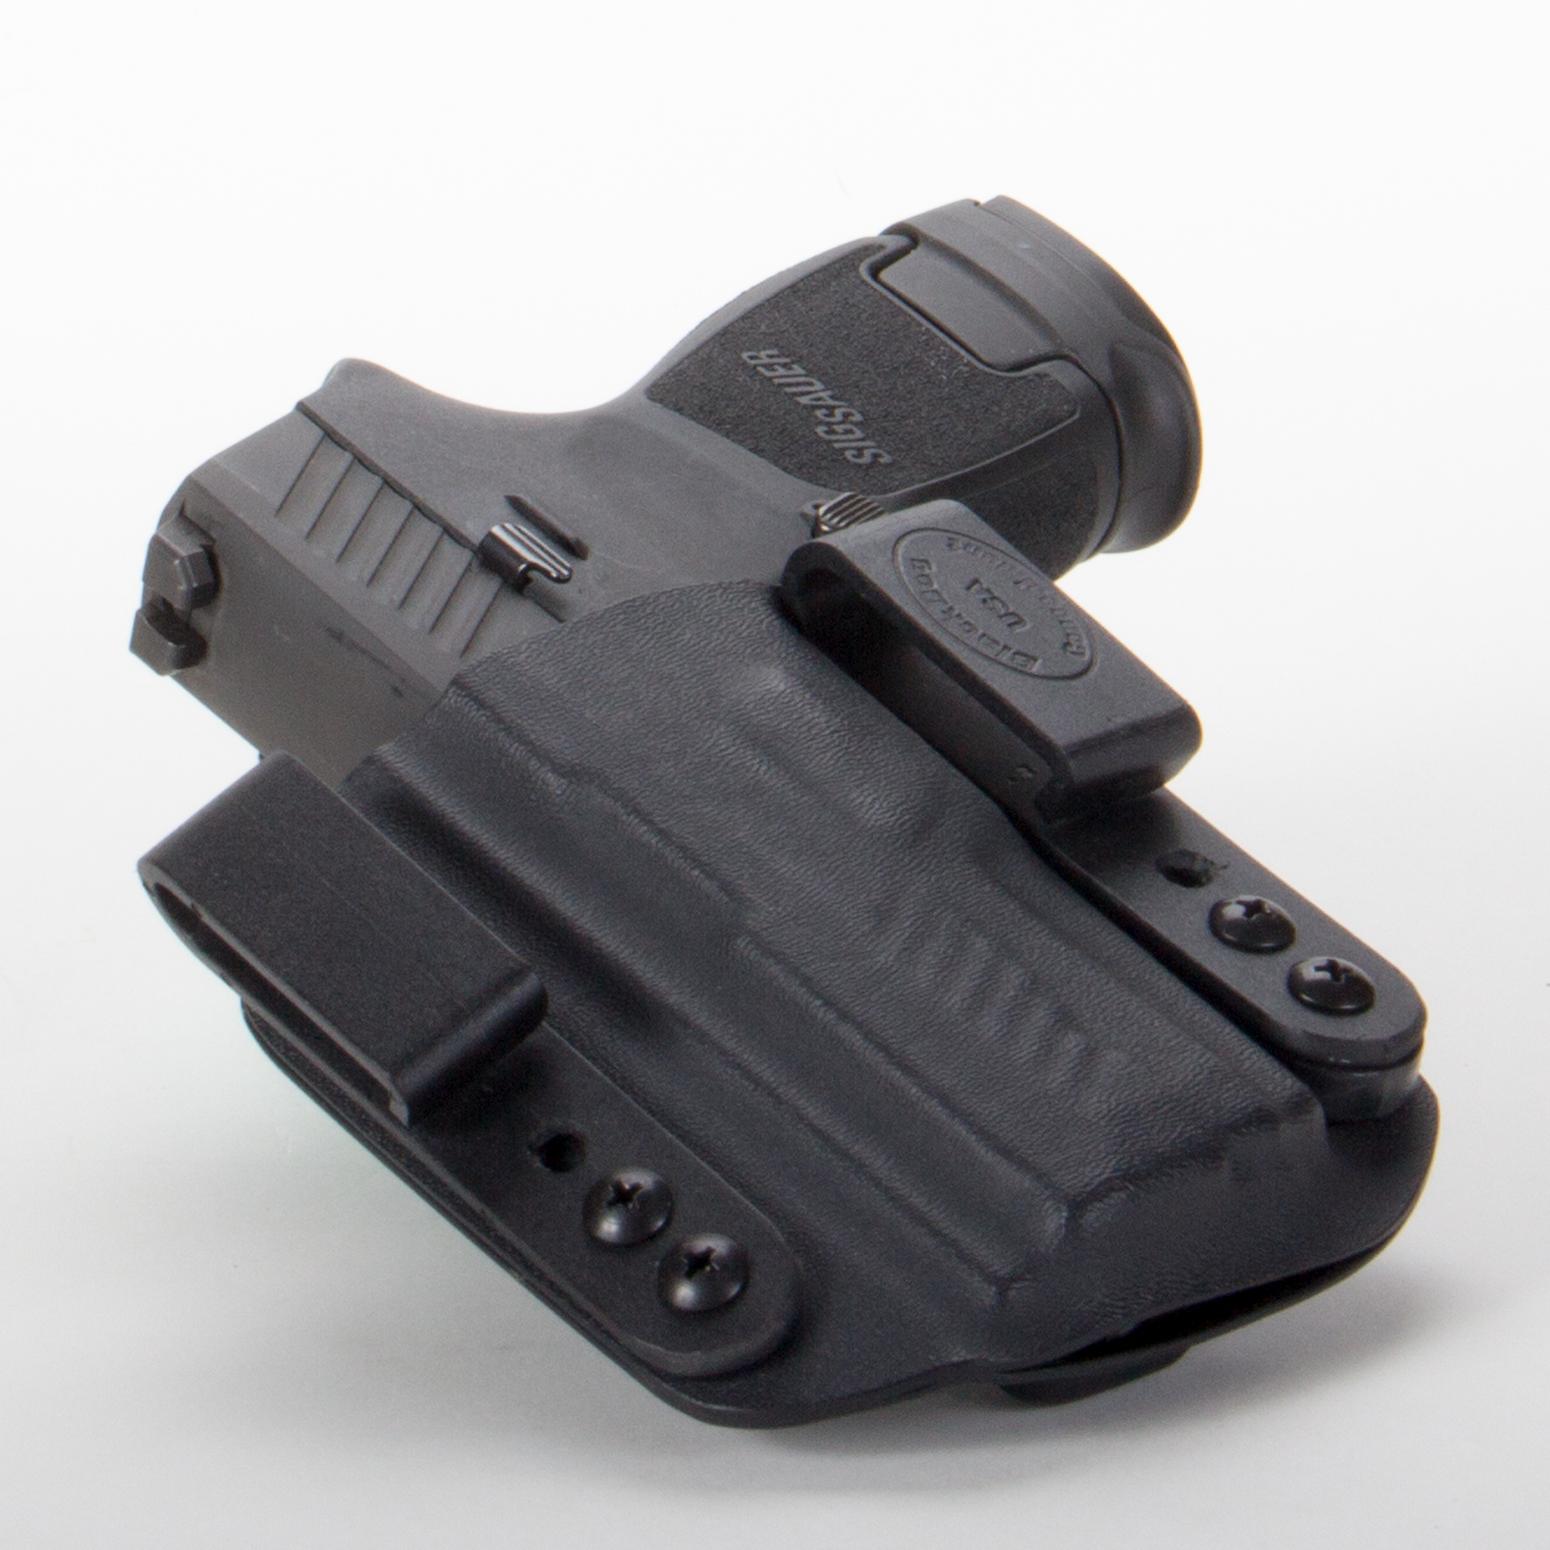 Alpha IWB Appendix Holsters - BlackDog Concealment